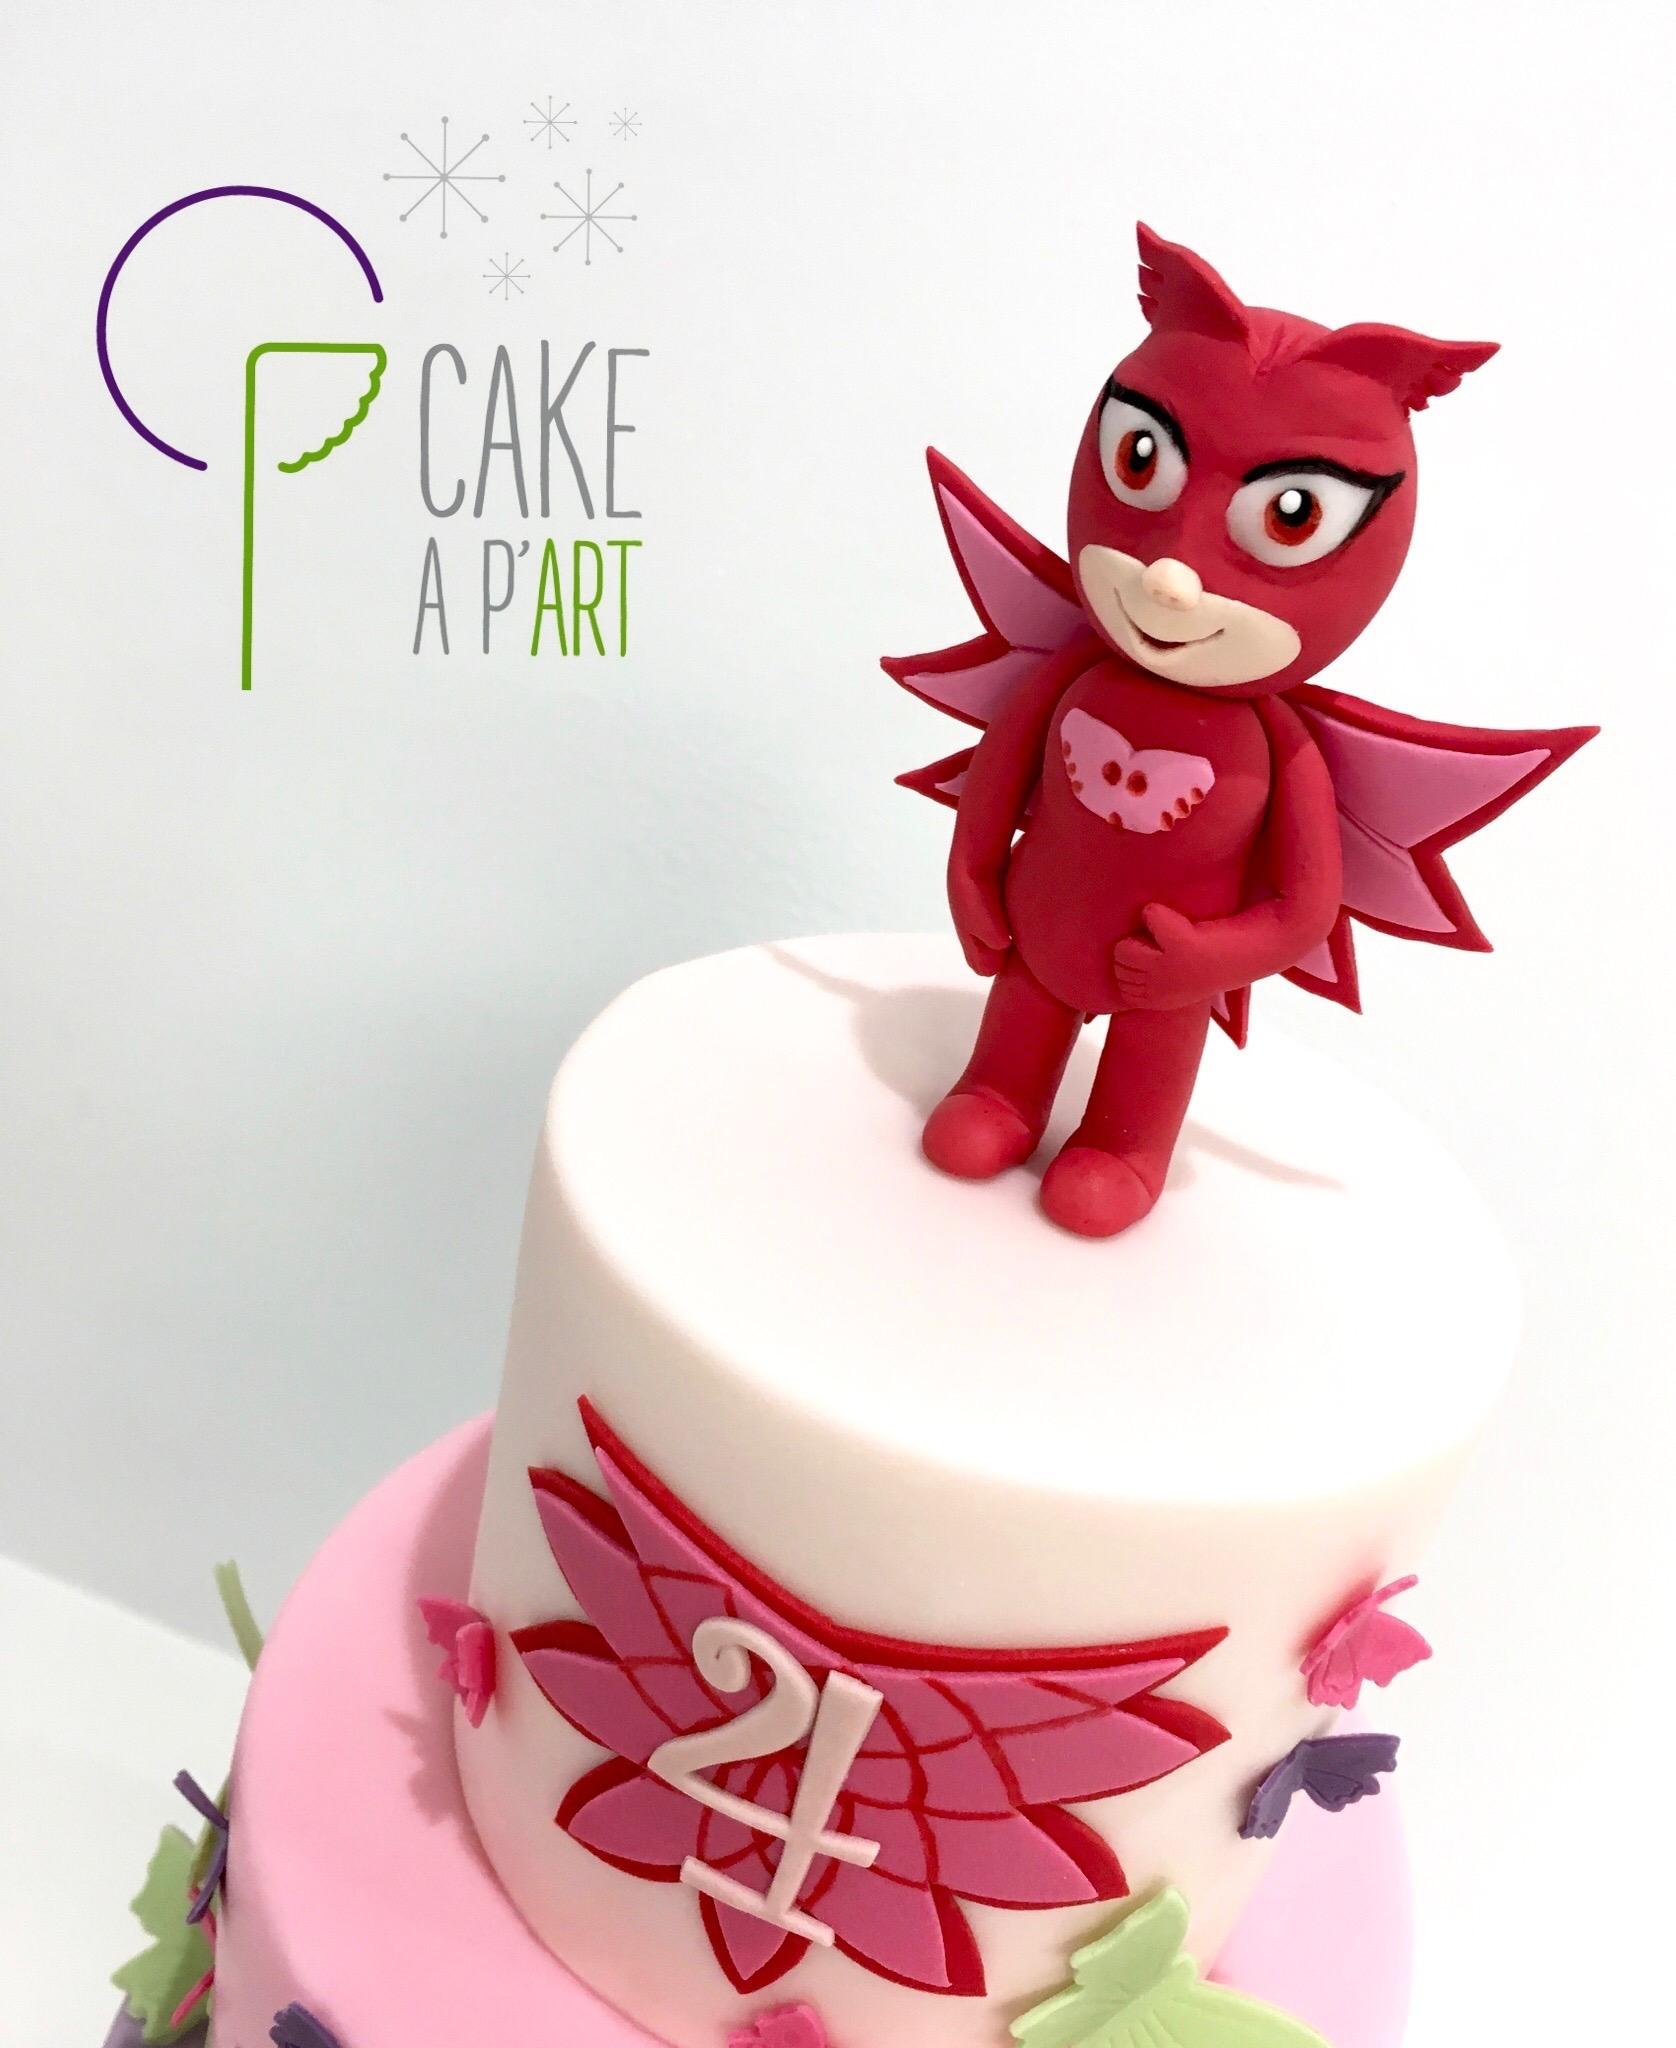 Décor modelage en sucre gâteaux personnalisés - Anniversaire Thème Pyjamasques Bibou